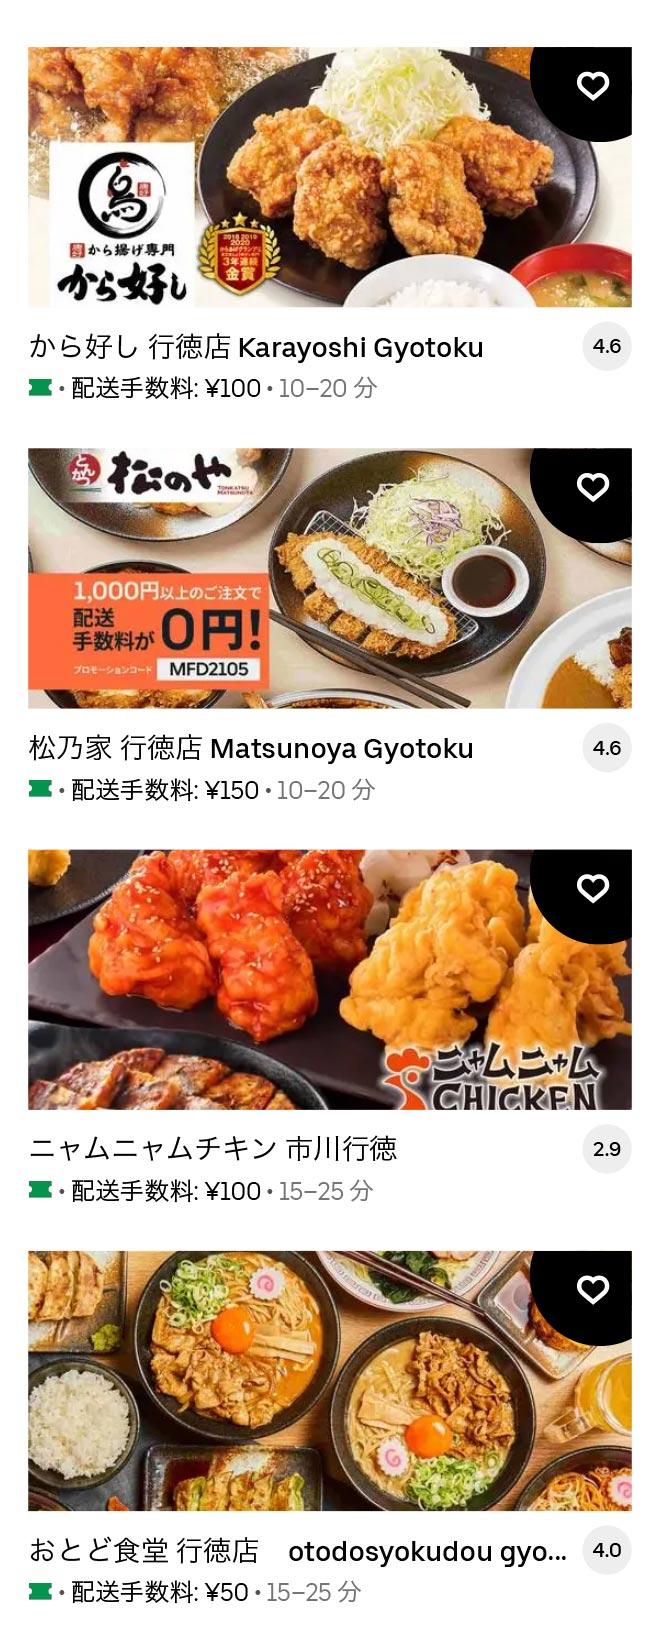 U gyotoku 2105 05